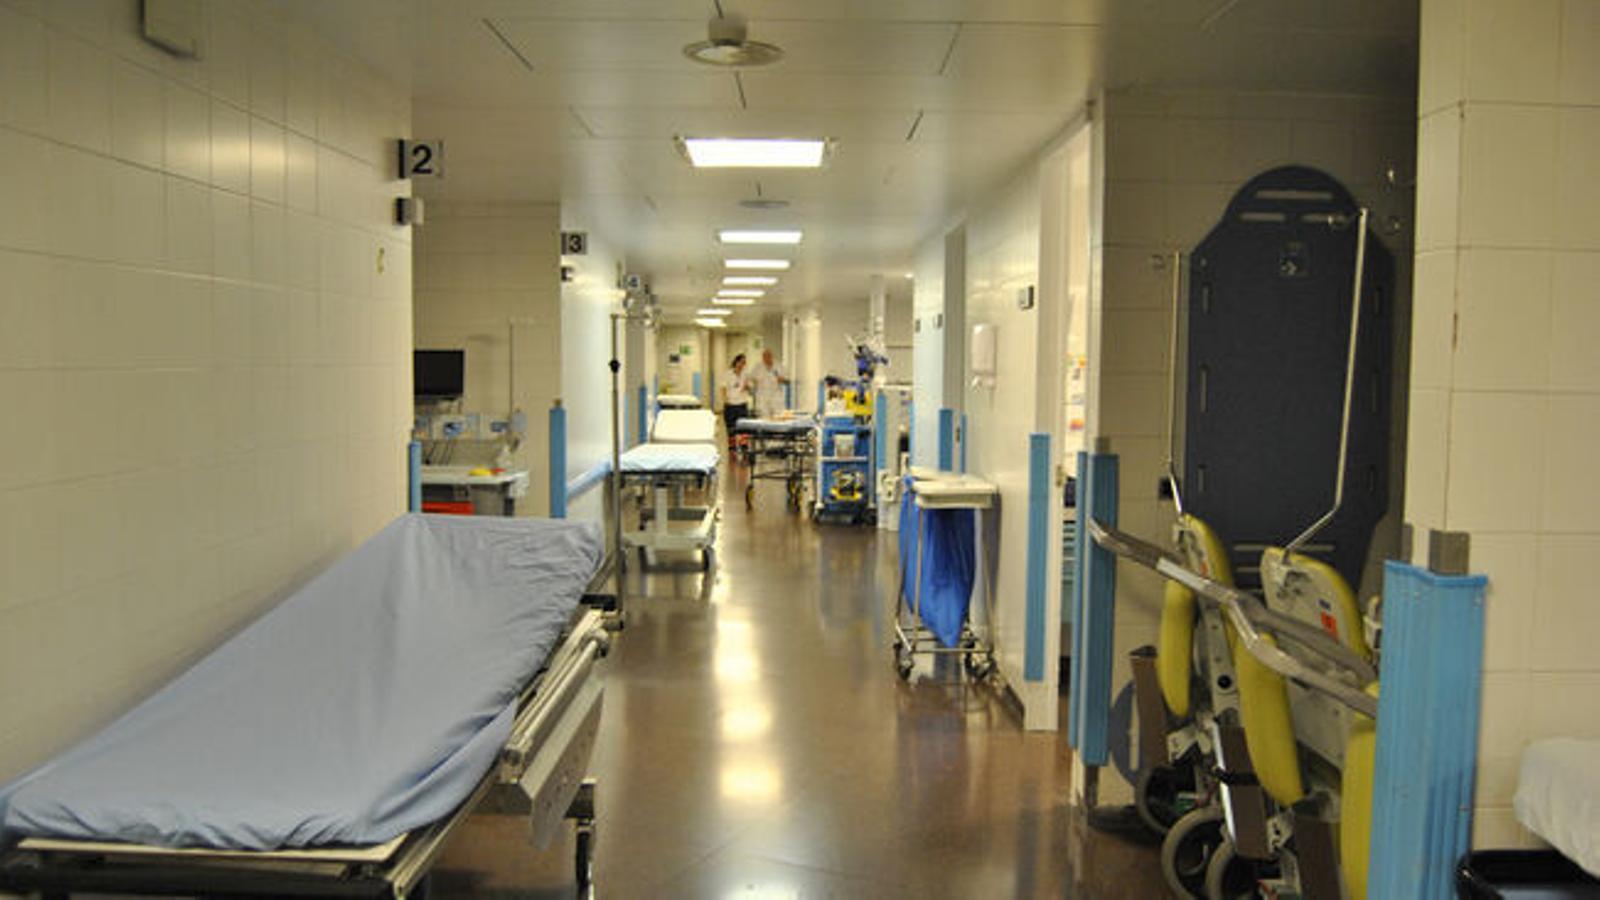 Una imatge de l'hospital Nostra Senyora de Meritxell. / ARXIU